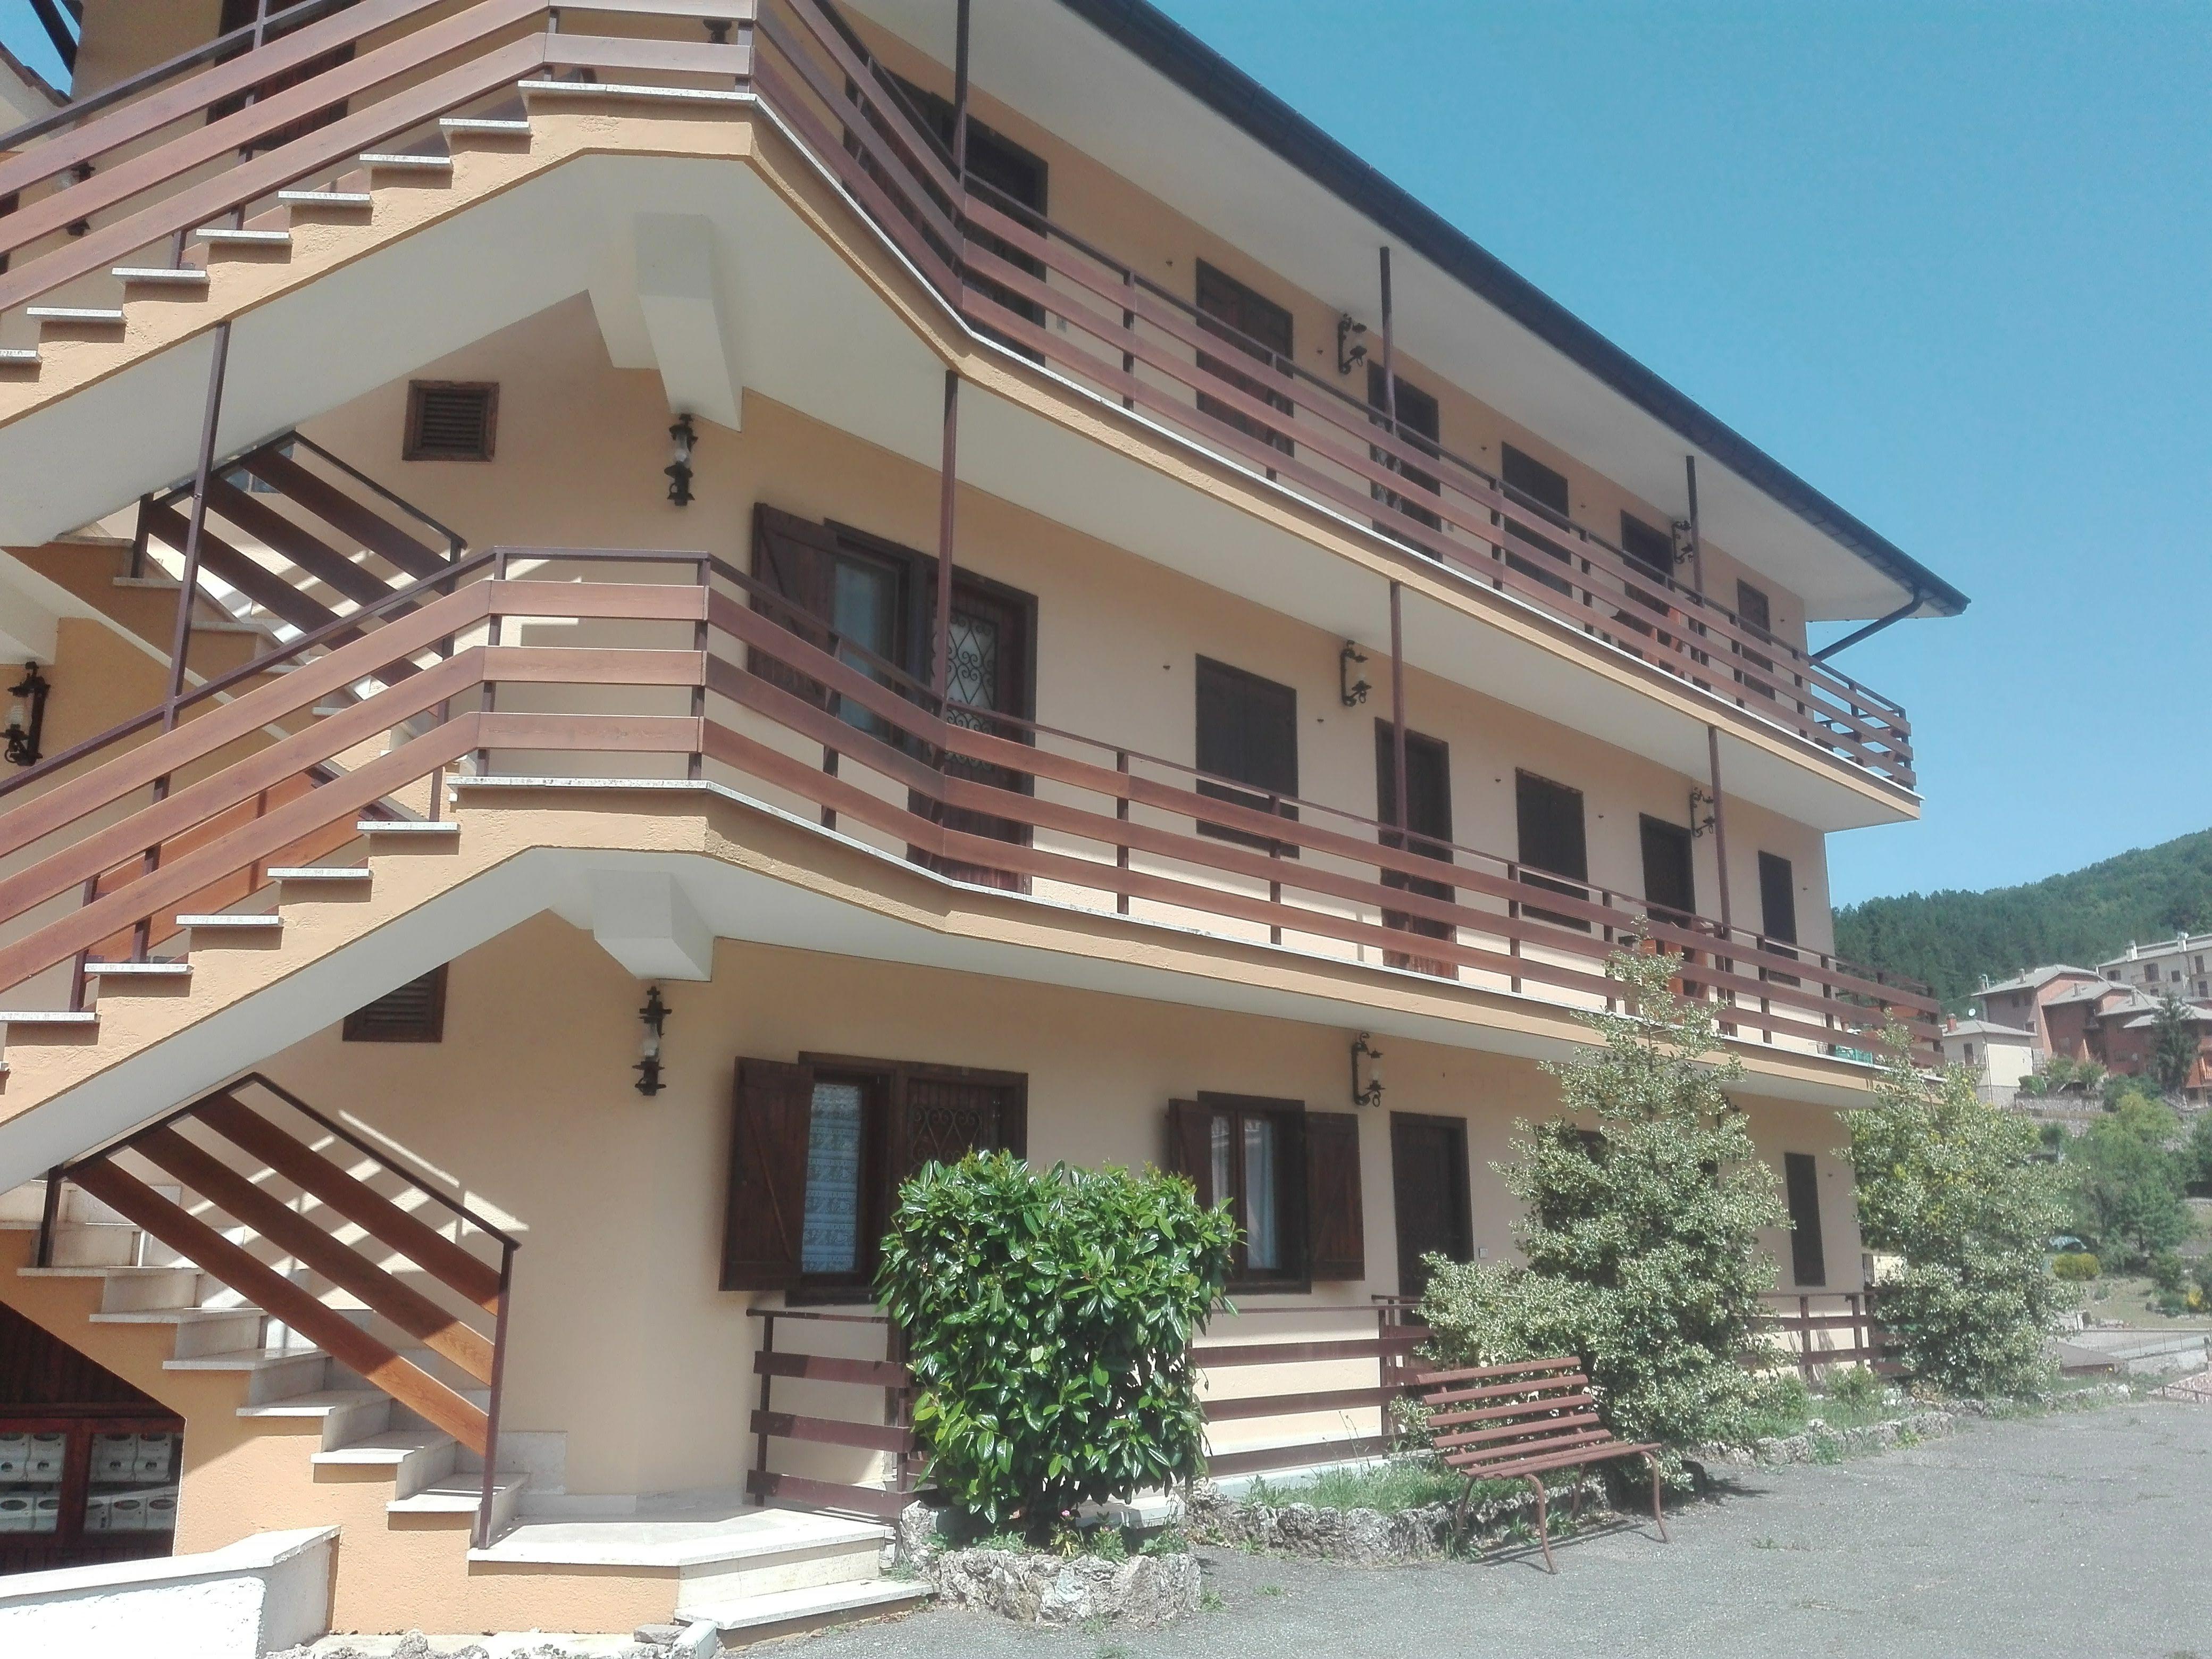 Filettino. Trilocale centrale con giardinetto pavimentato